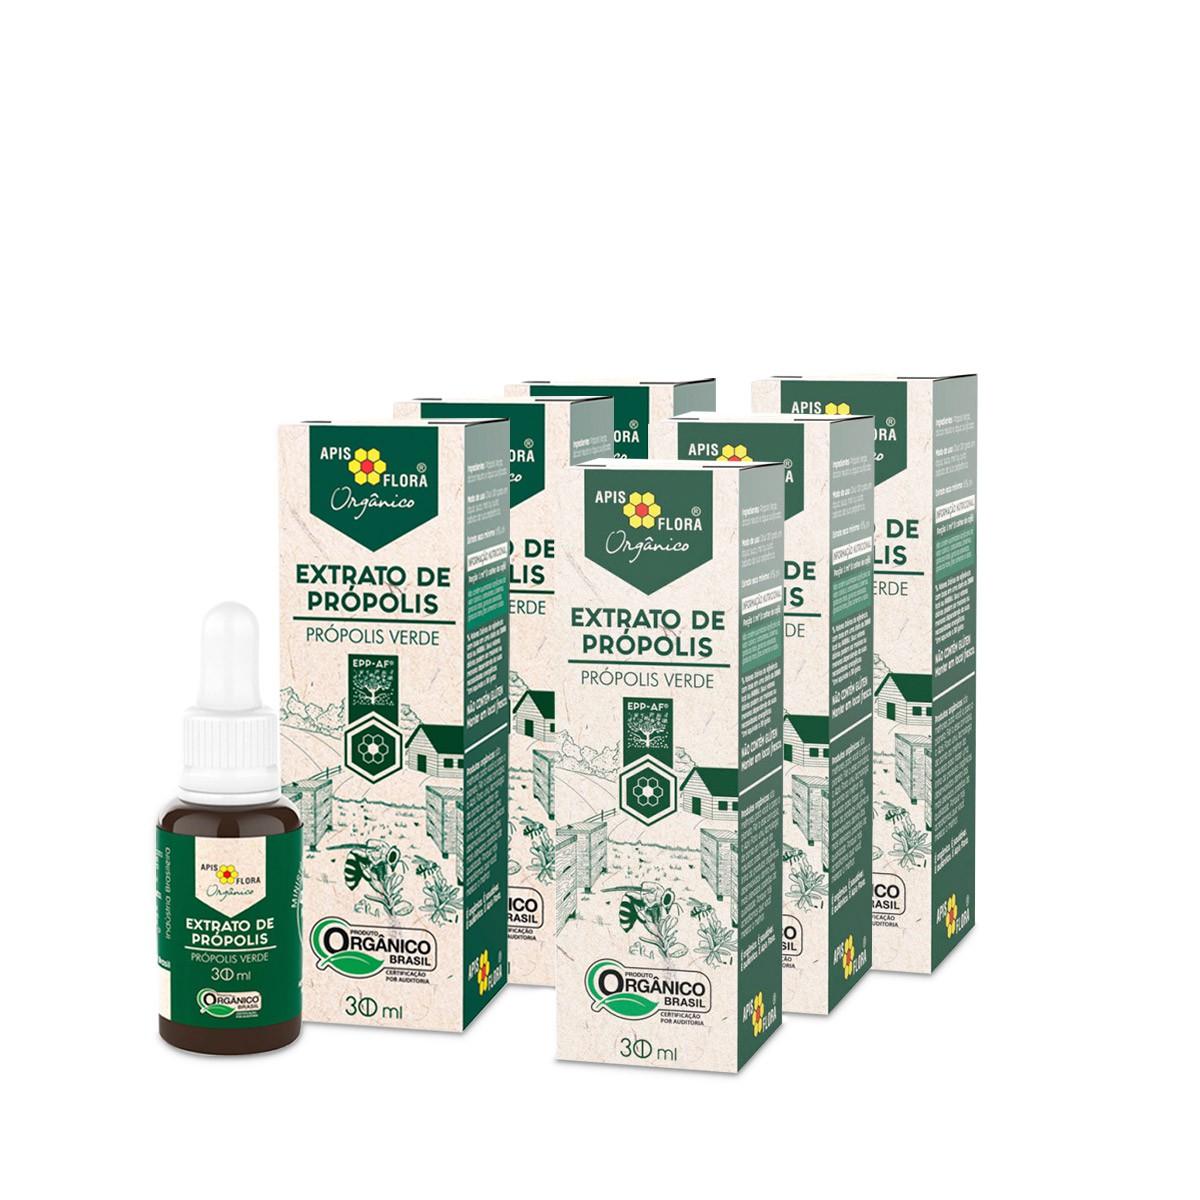 Kit 6 Extrato de Própolis Verde Orgânico 30 ml Apis Flora